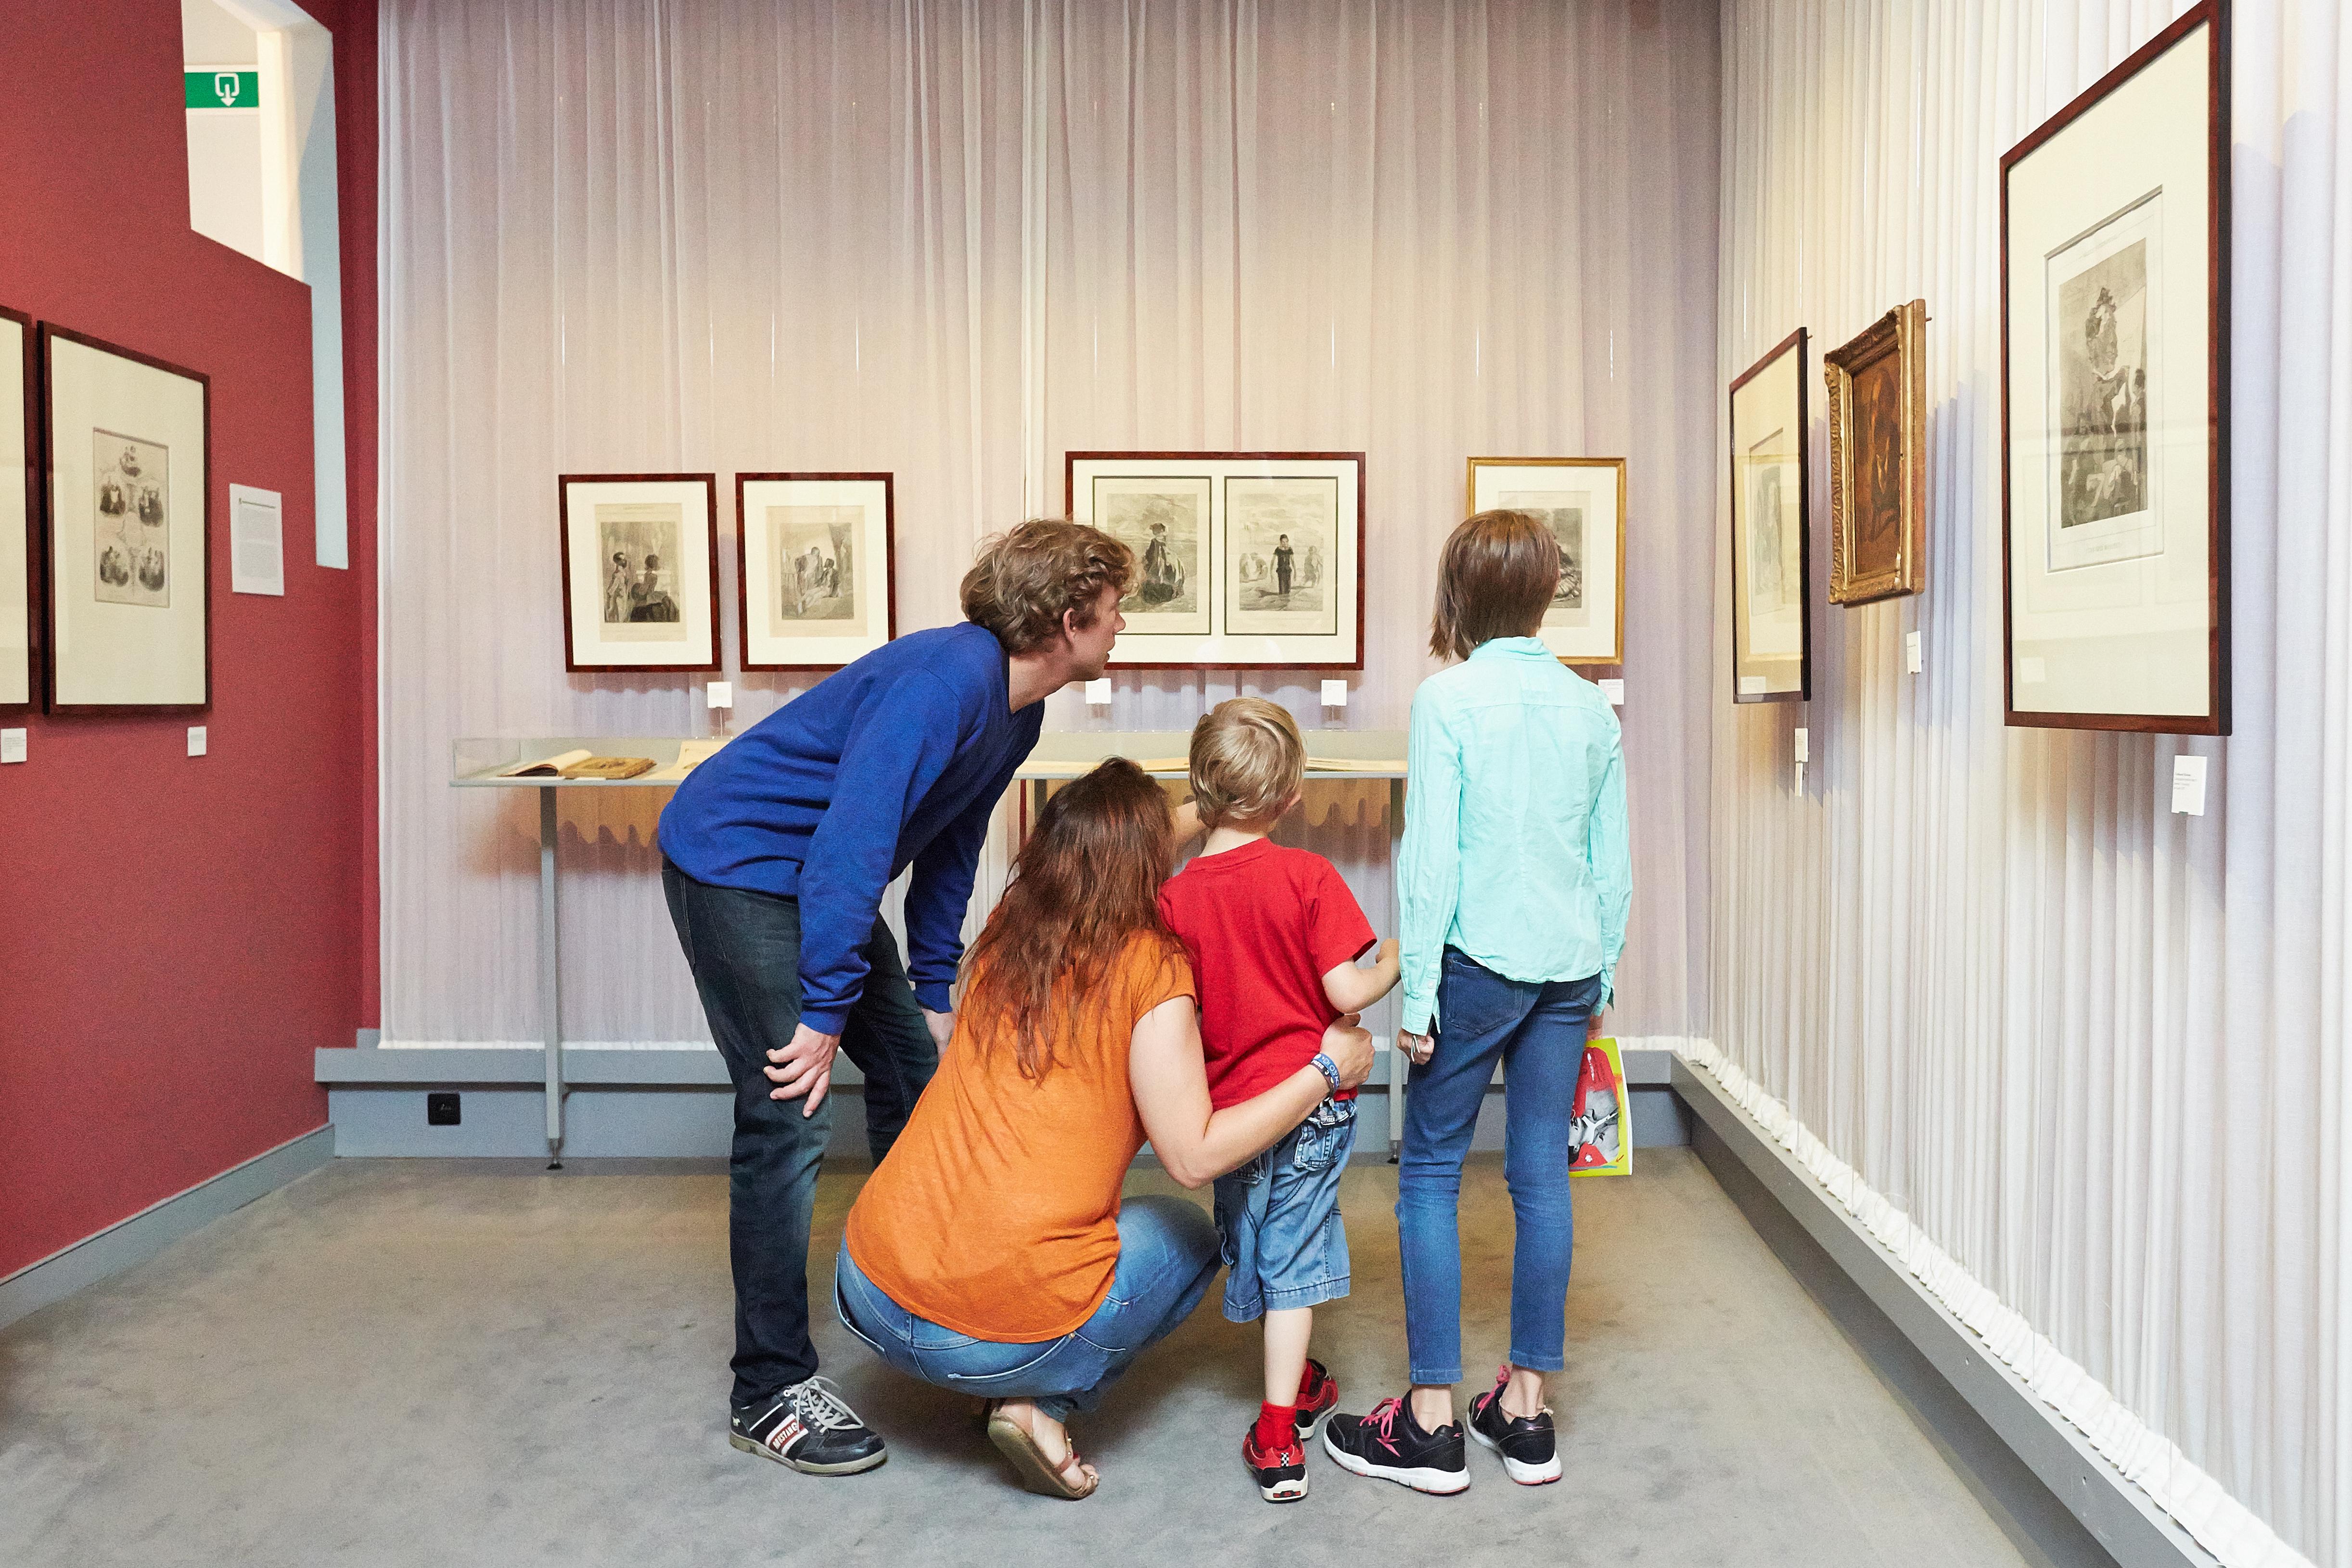 Musée Félicien Rops - Namur - peintre - graveur - belge